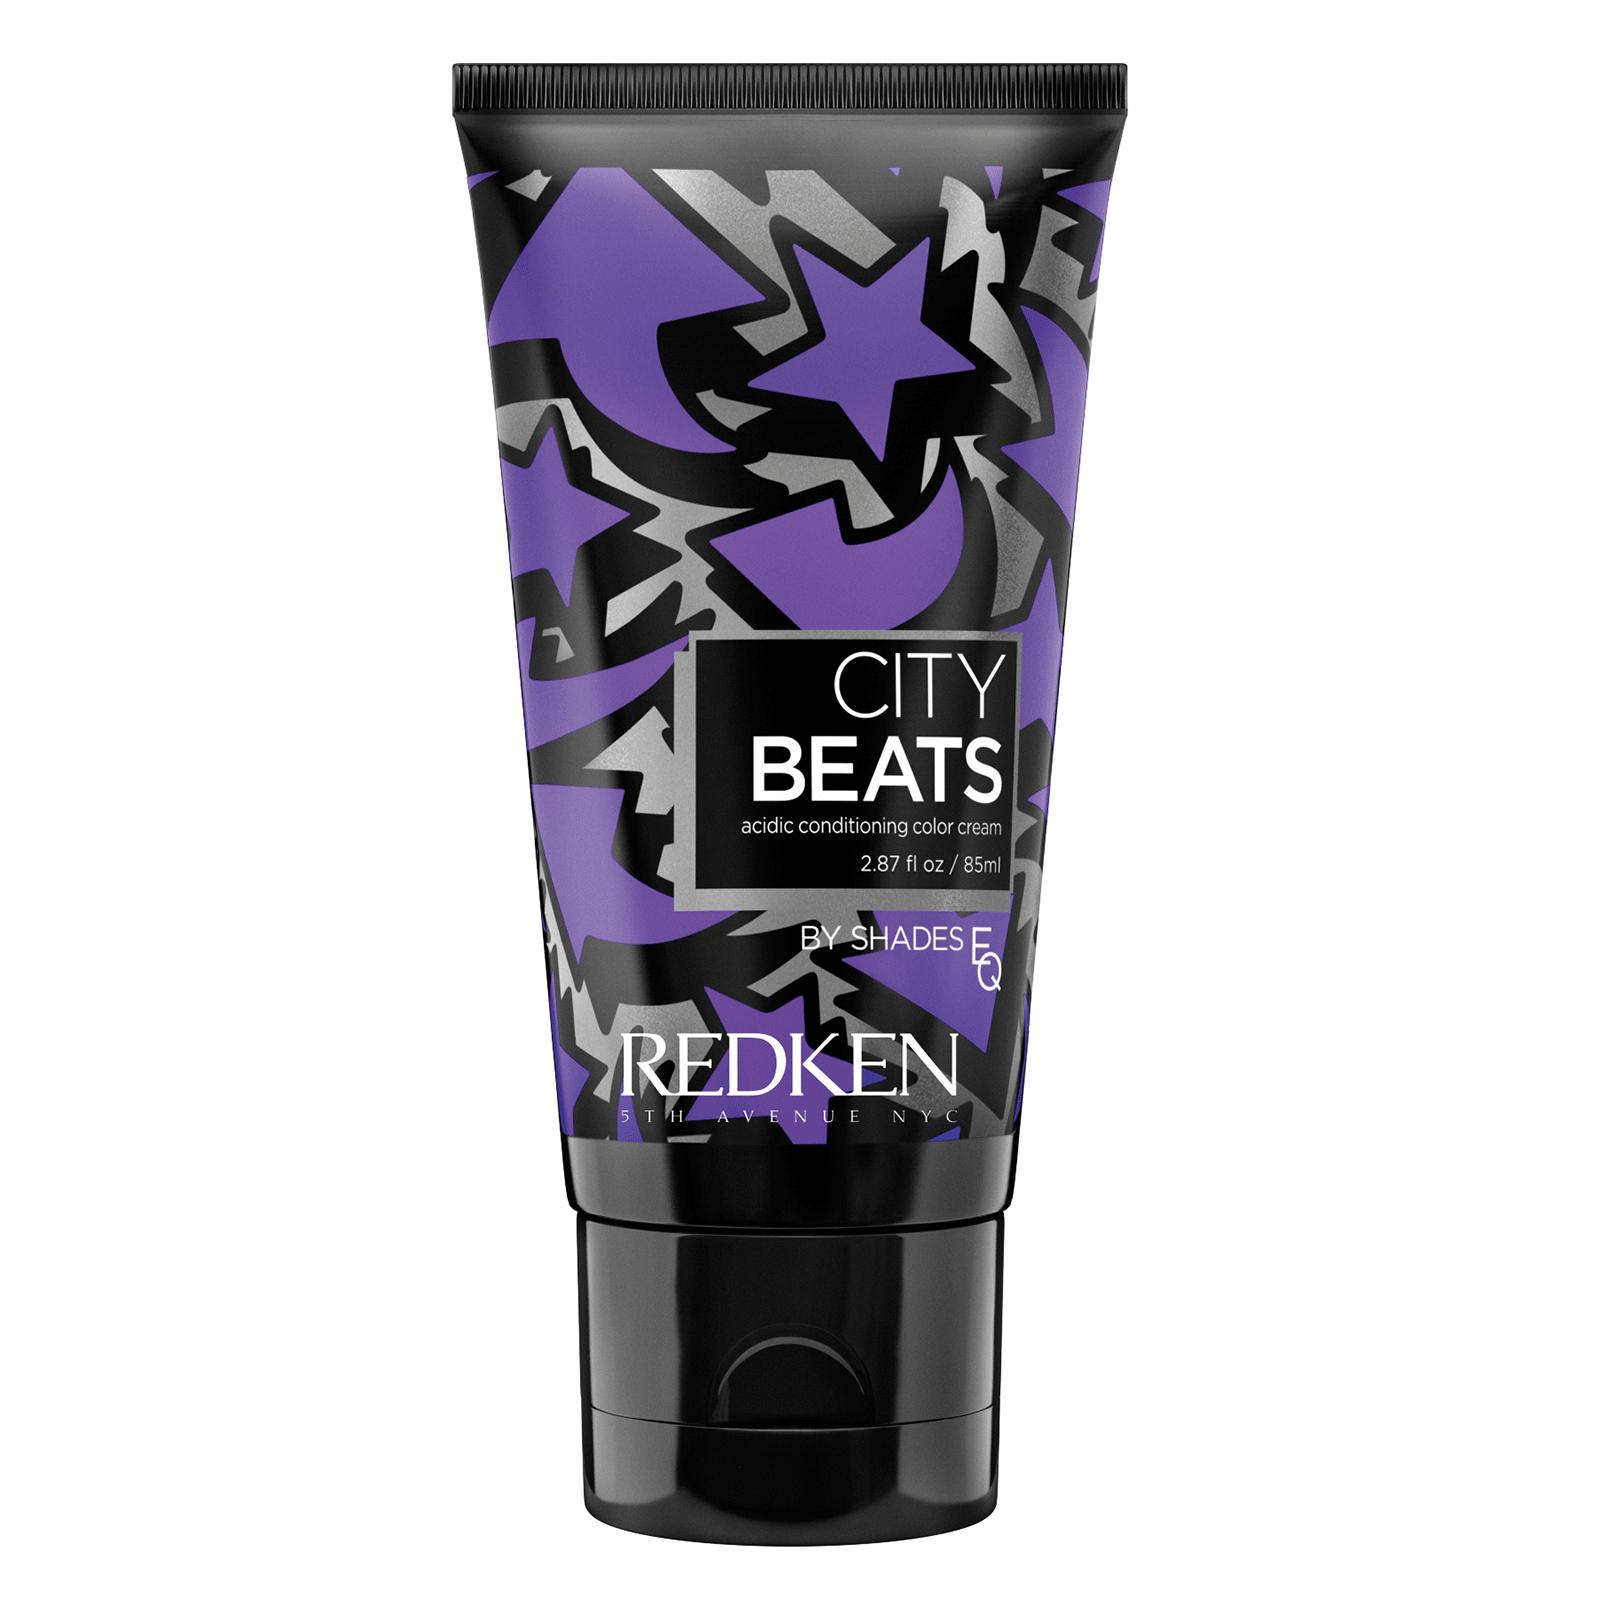 REDKEN Крем с тонирующим эффектом для волос Черничные ночи в Ист-Виллидж (фиолетовый) / CITY BEATS 85мл